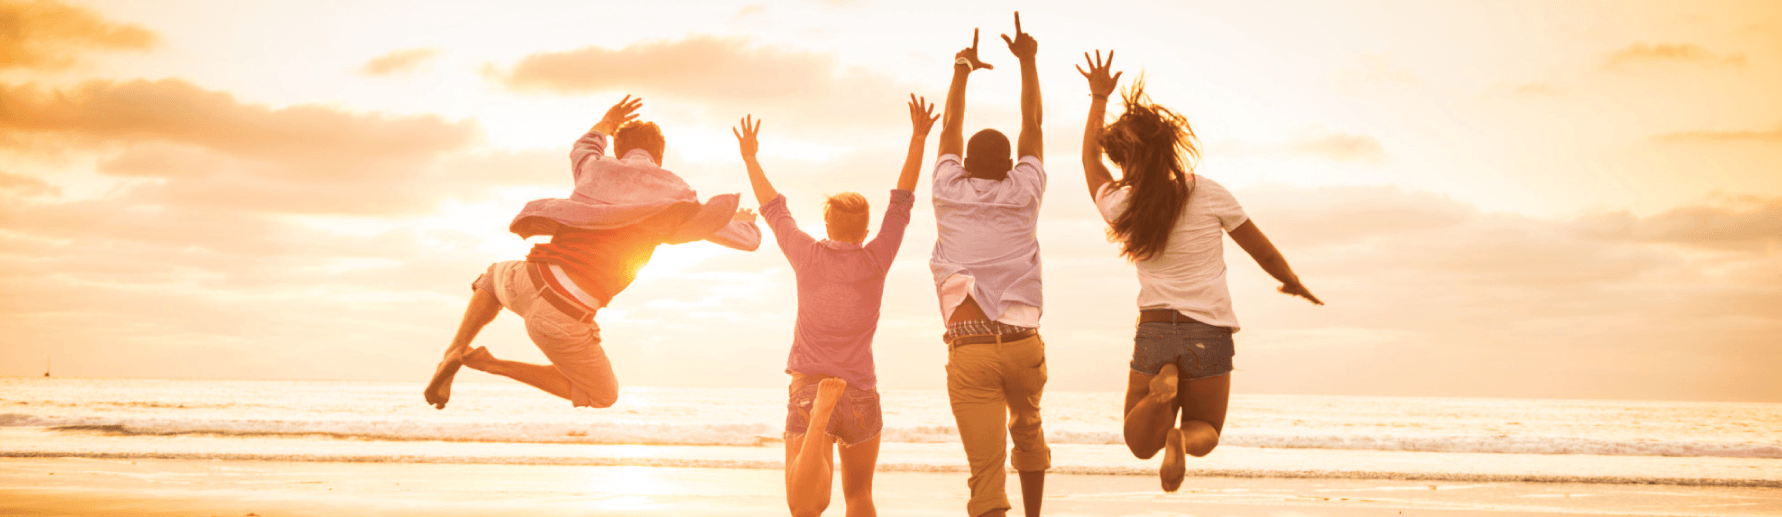 10 cosas que hacen las personas felices